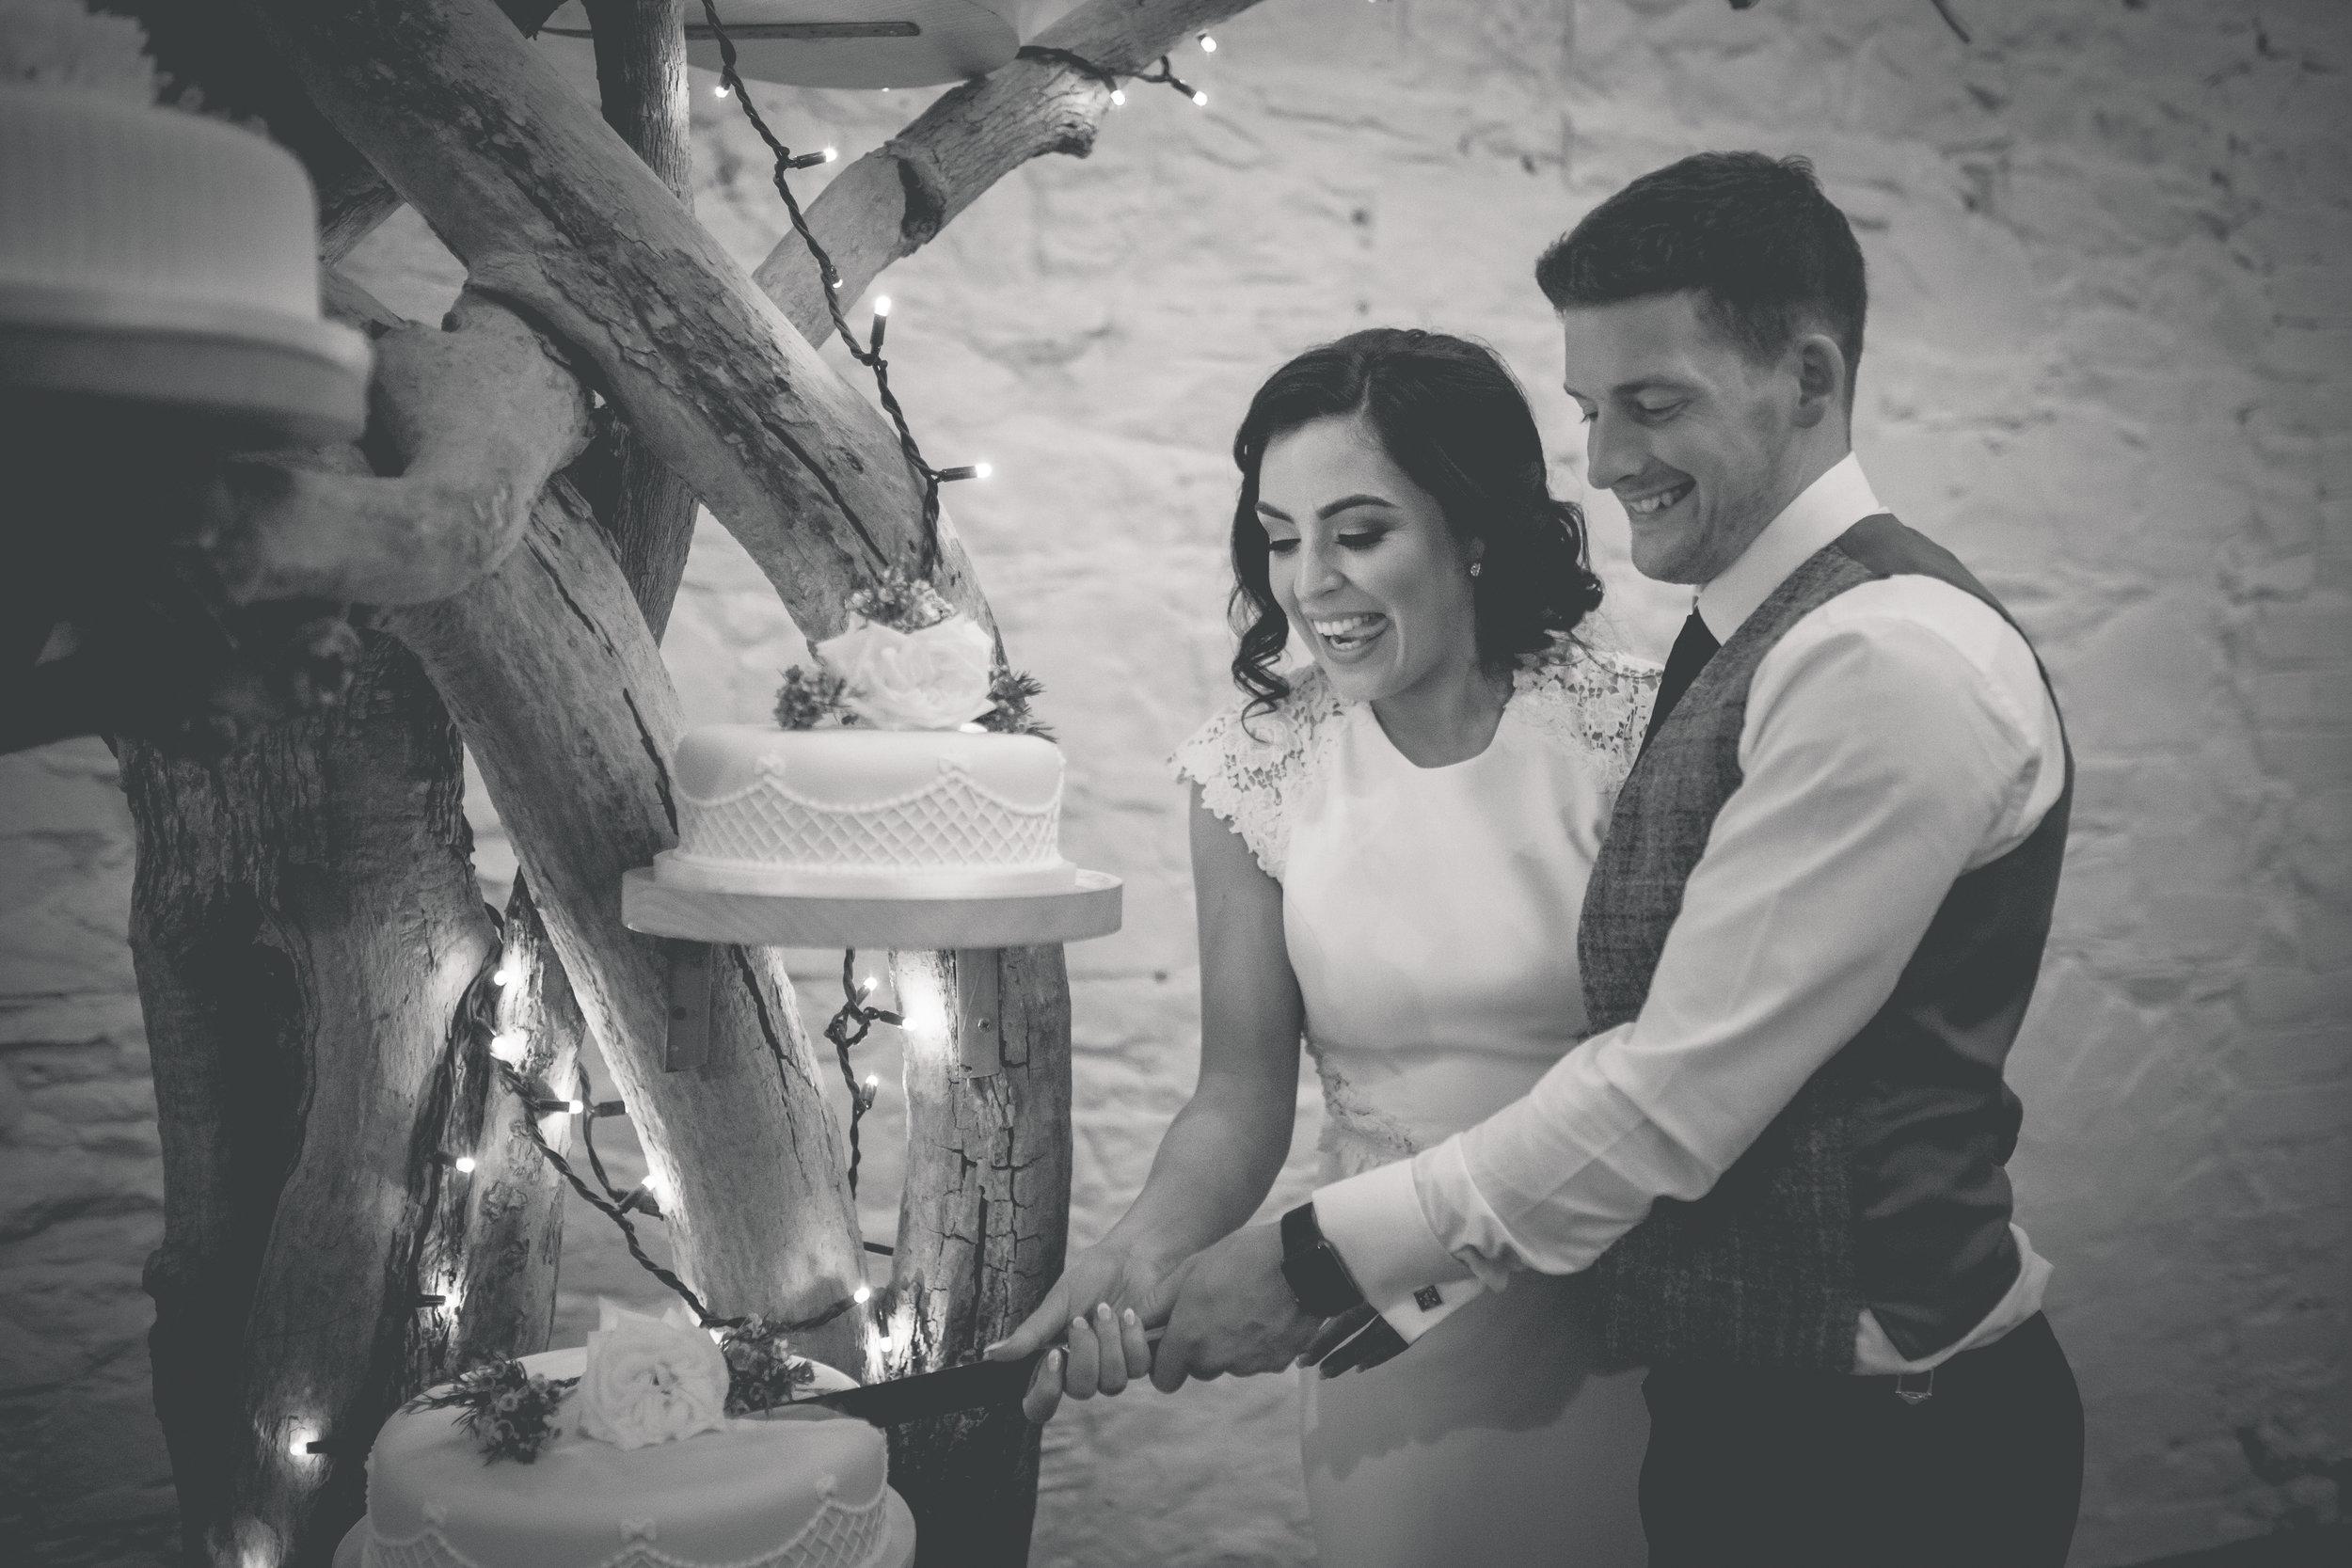 Brian McEwan Wedding Photography | Carol-Anne & Sean | The Speeches-129.jpg